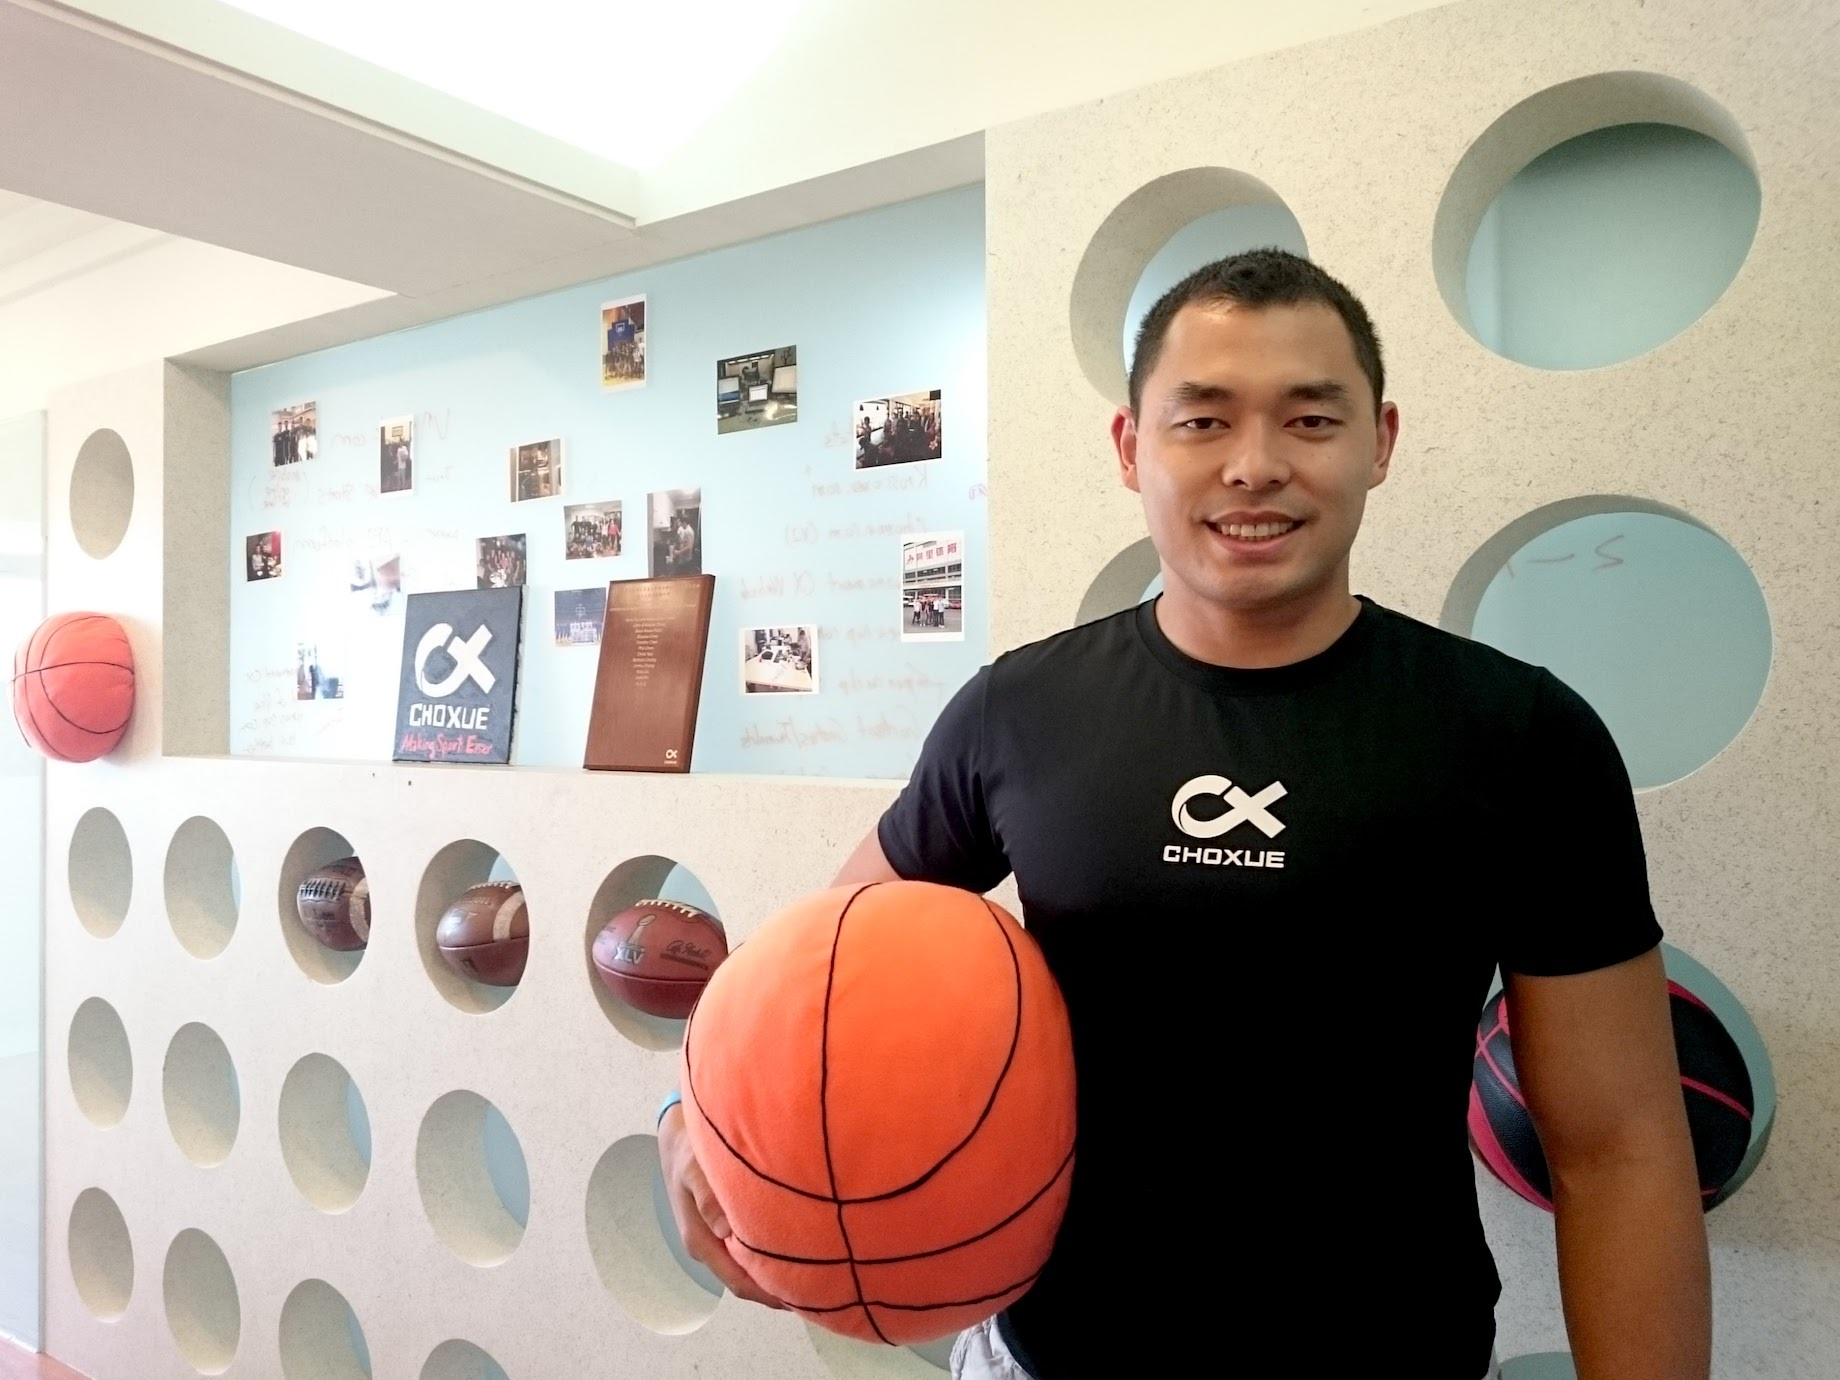 3大改革,球學以網路重新改造台灣體育教育